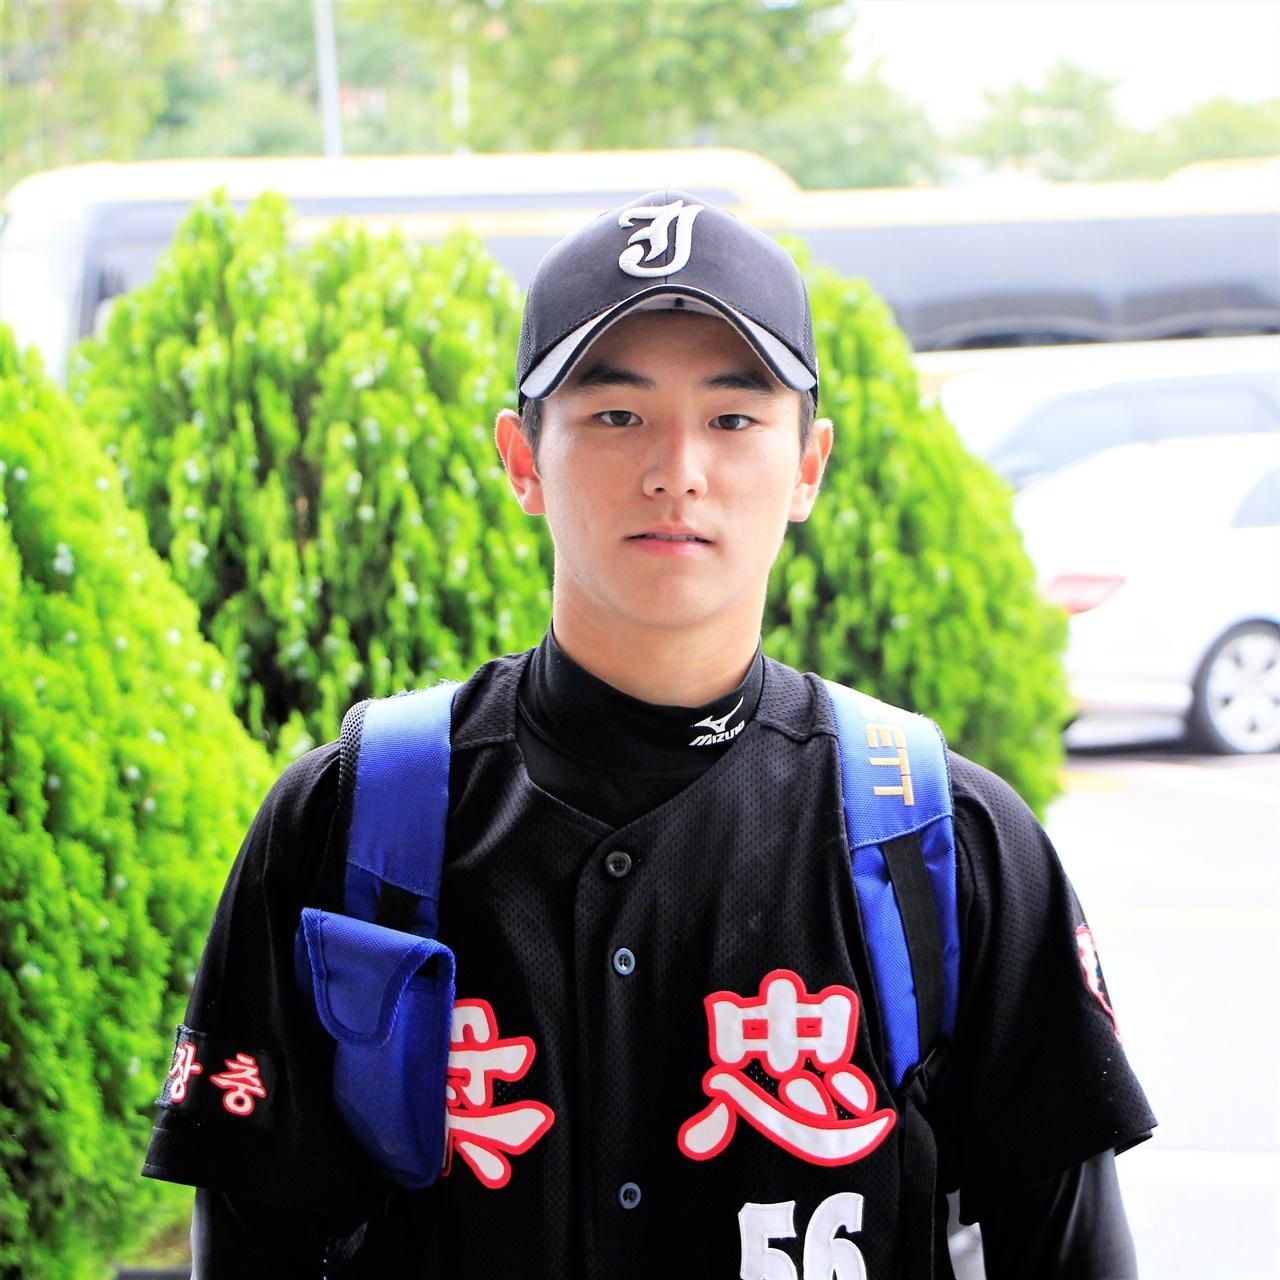 이번 청룡기 대회 좋은 활약을 펼쳤던 장충고등학교의 2학년 박태강 선수.